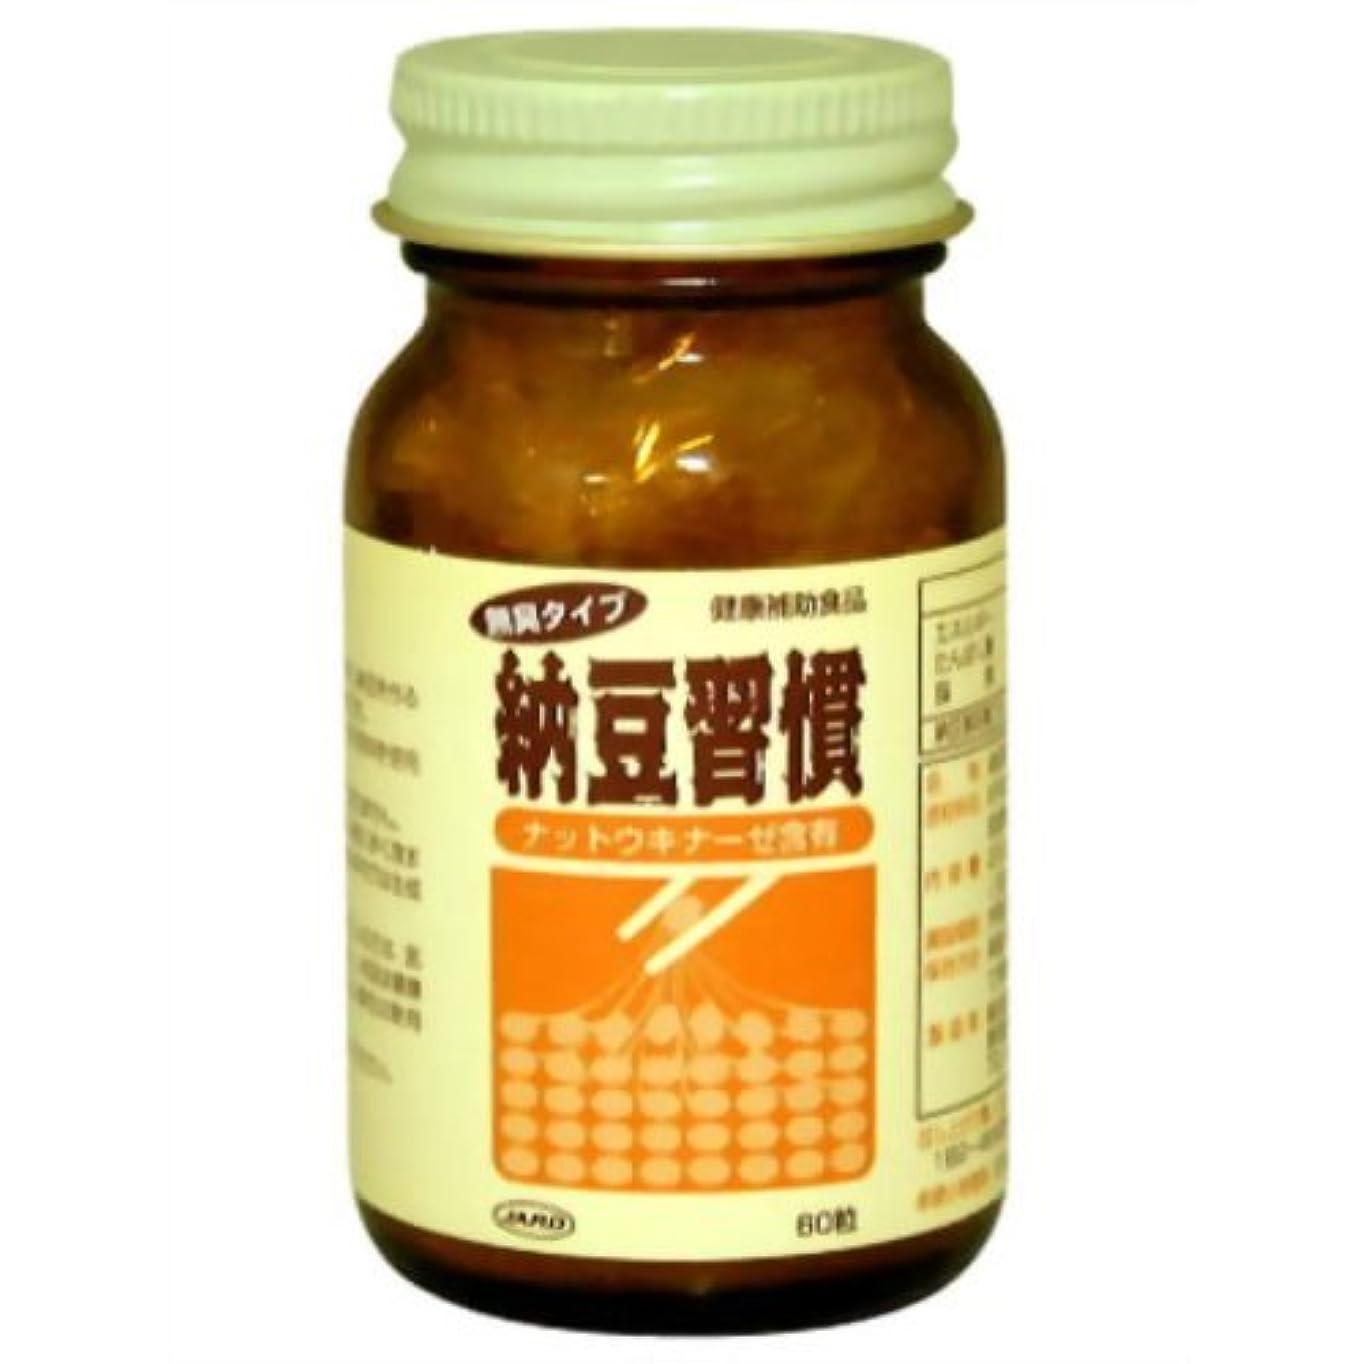 アルコーブ会員シャーロットブロンテ納豆習慣 ナットウキナーゼ含有